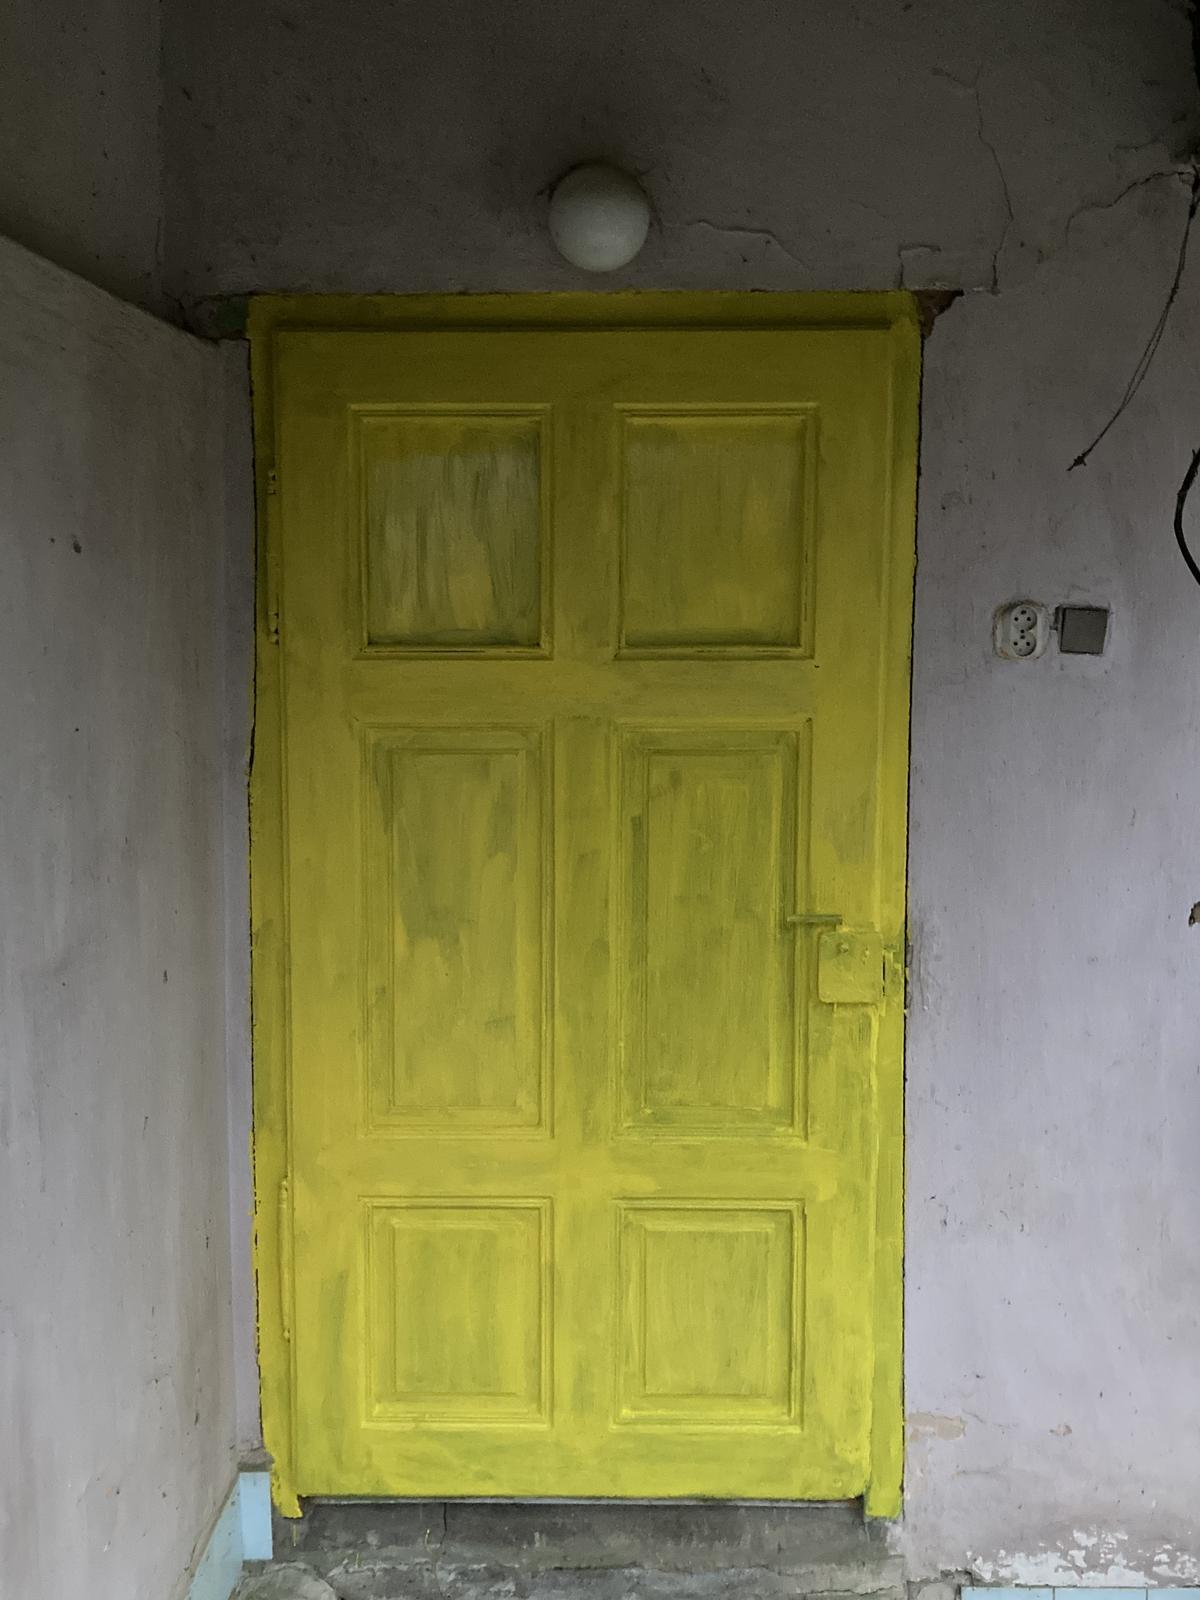 Dom - ...prvá vrstva...    už bola tma na druhú ;)